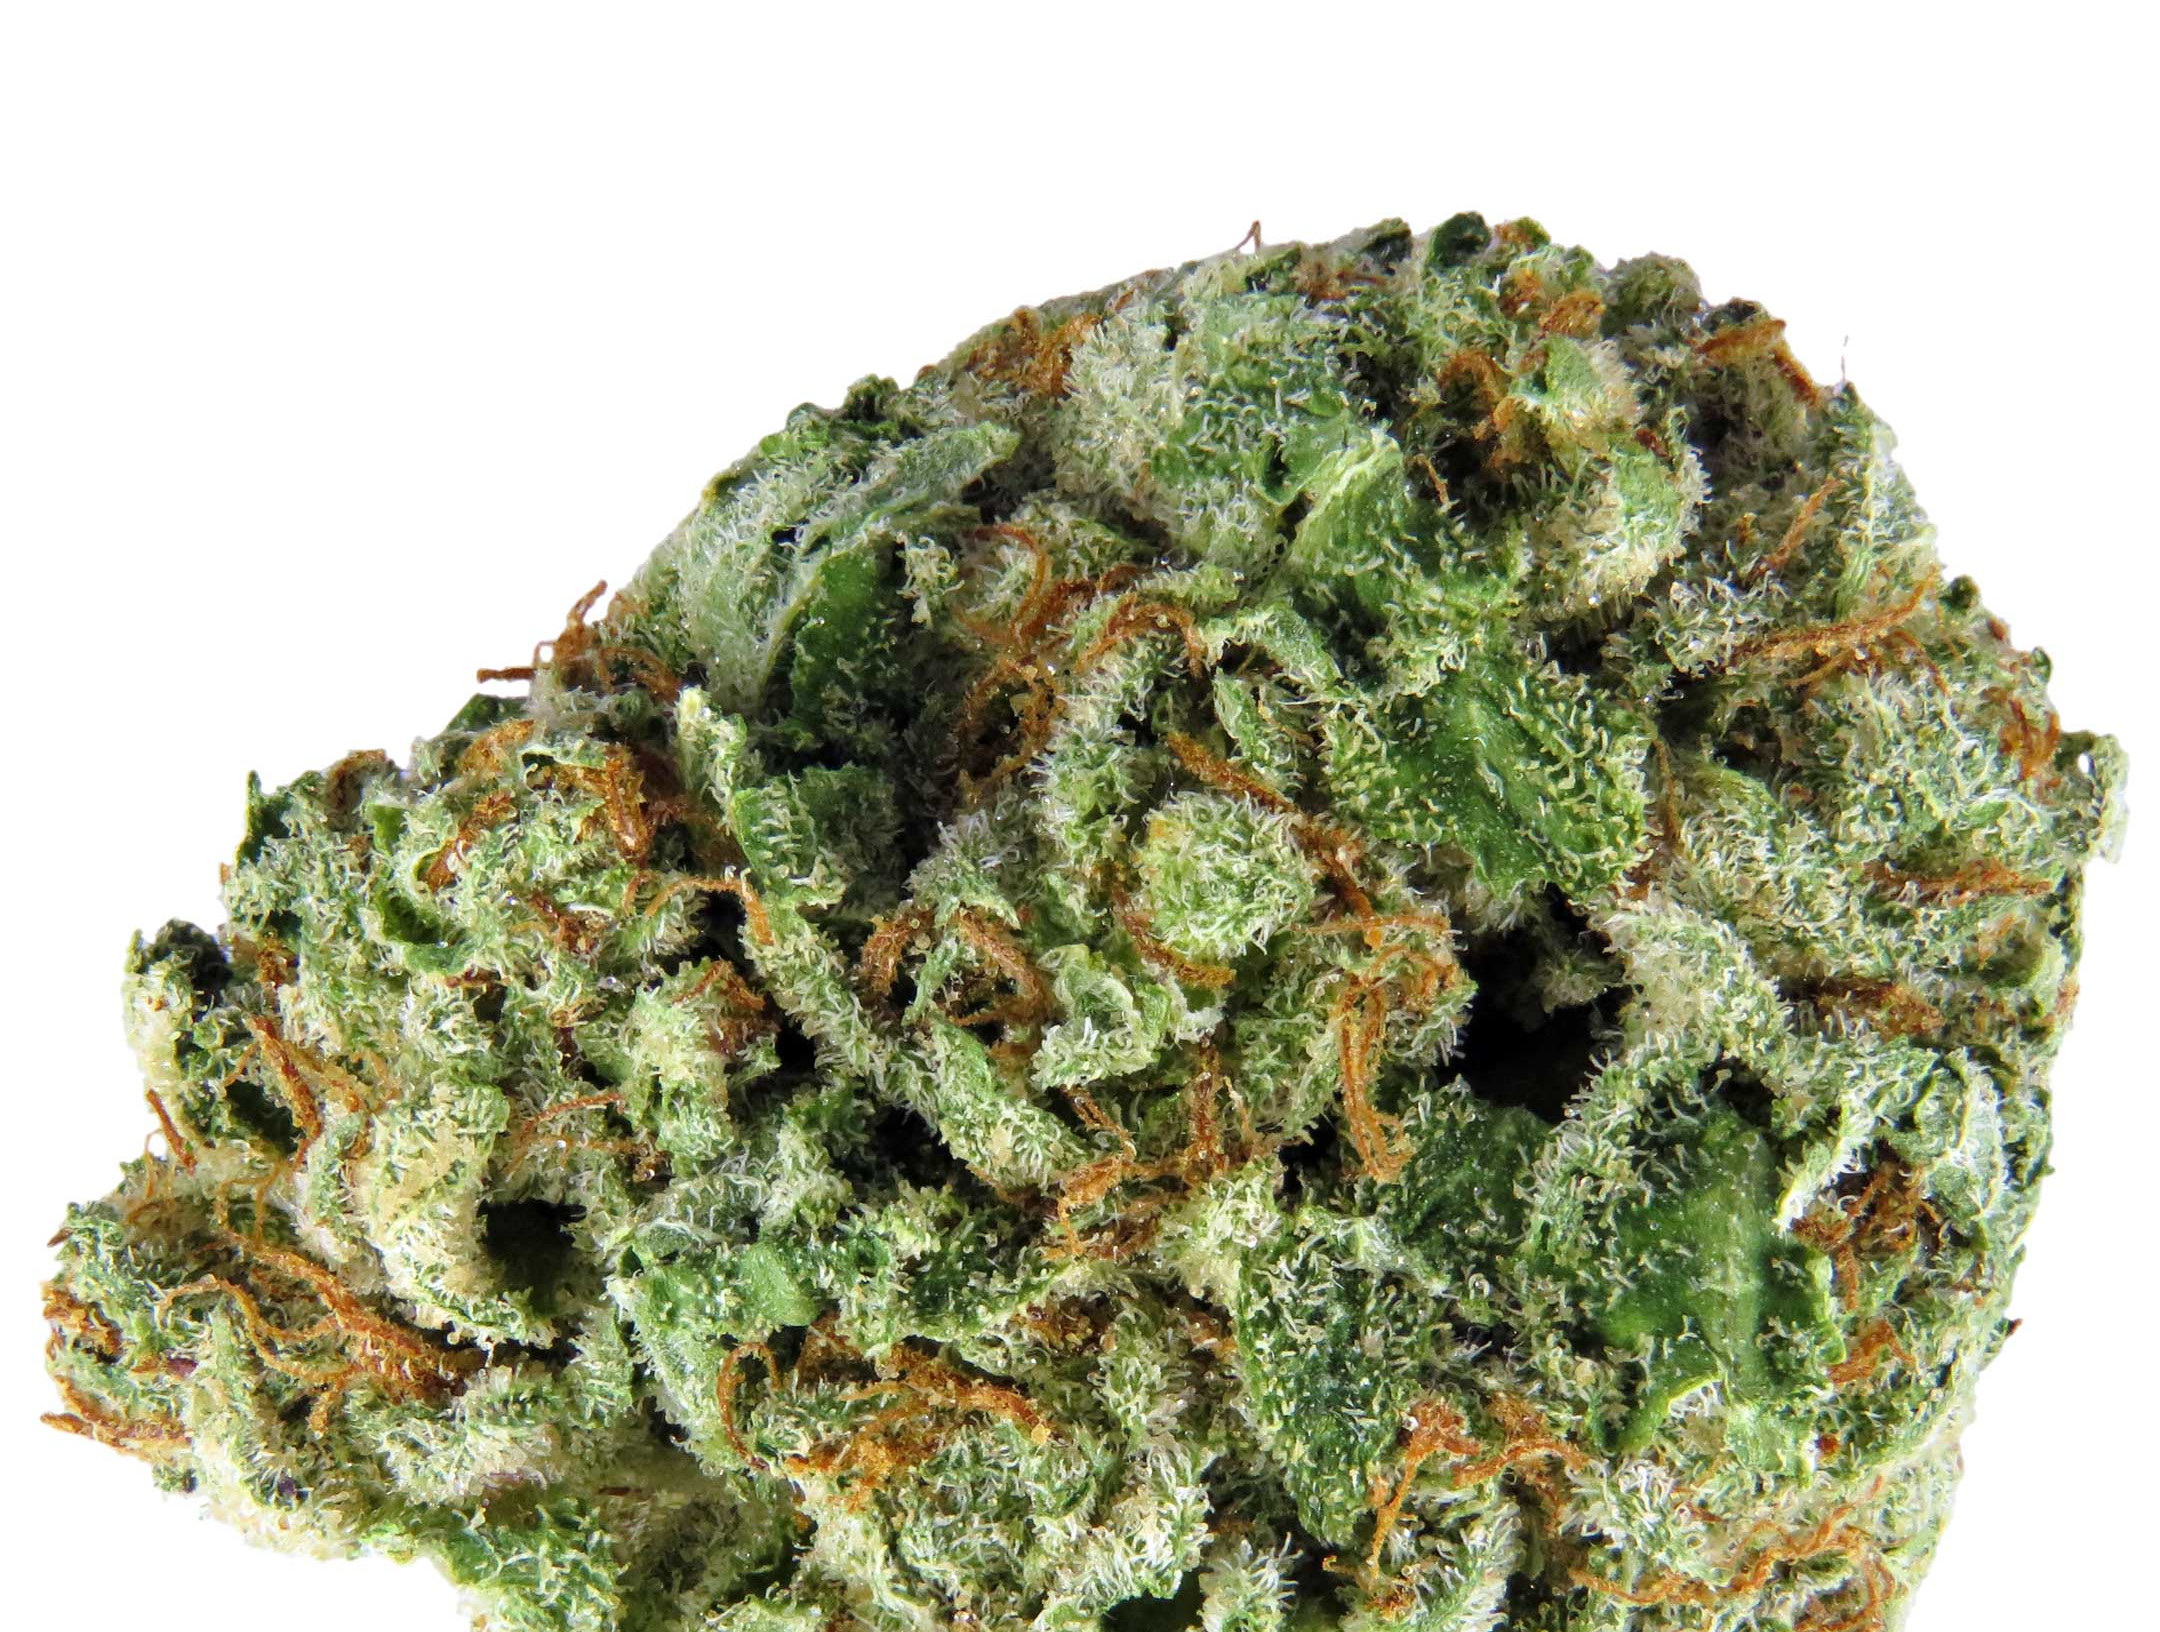 Diamond Og Marijuana Strain Pure710